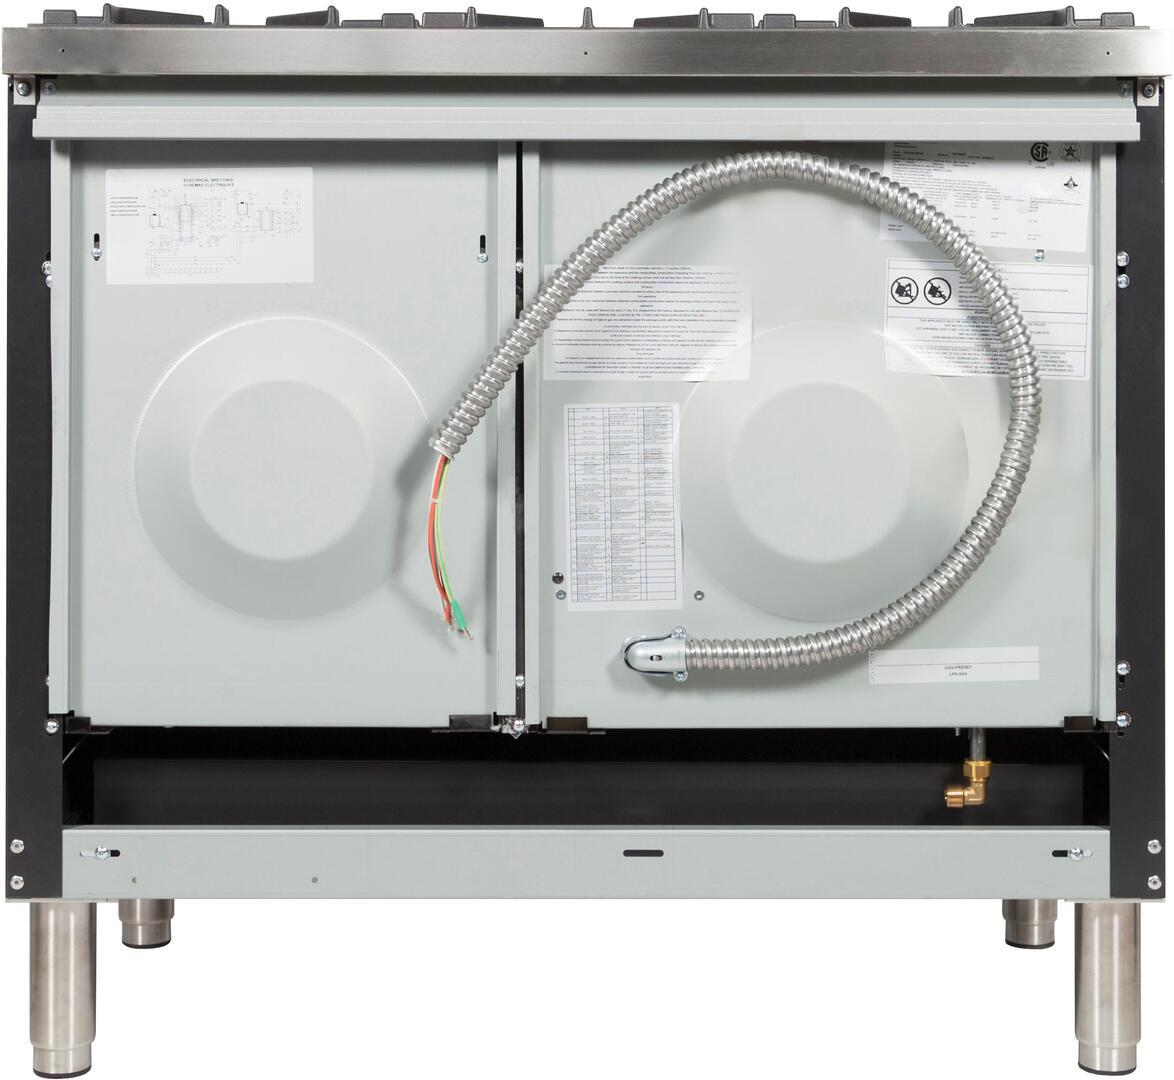 Ilve Nostalgie UPDN100FDMPNLP Freestanding Dual Fuel Range Black, UPDN100FDMPNLP Back View